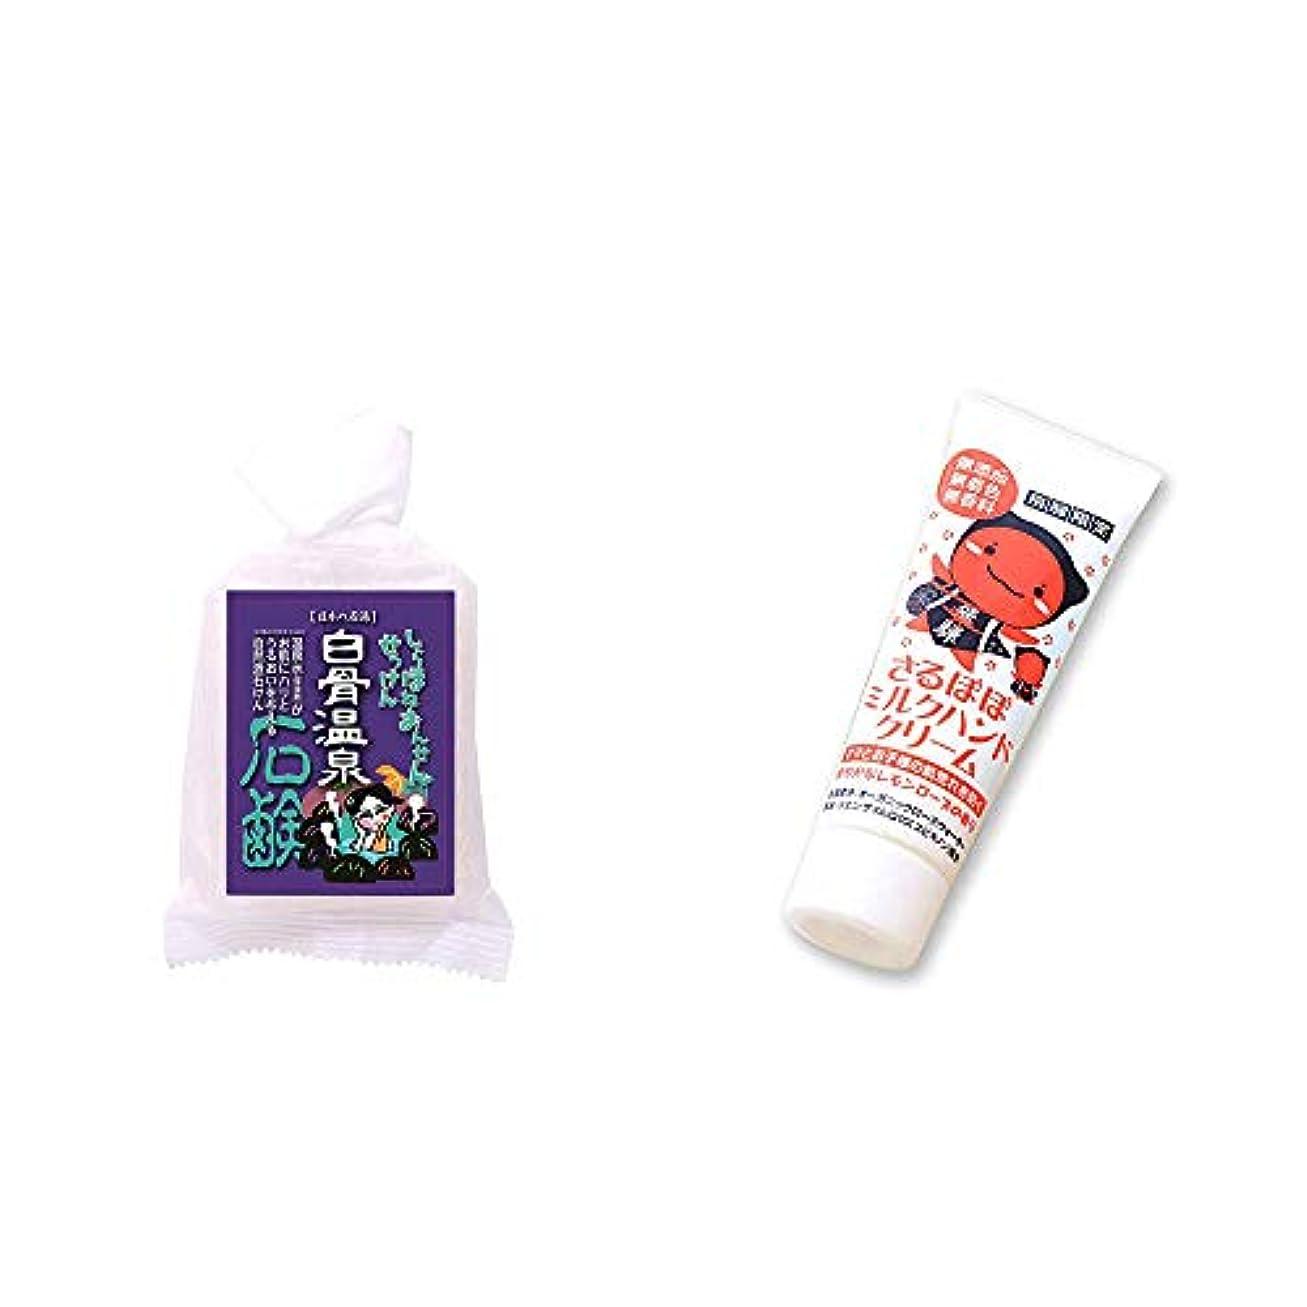 バーチャル告白常習者[2点セット] 信州 白骨温泉石鹸(80g)?さるぼぼ ミルクハンドクリーム(50g)